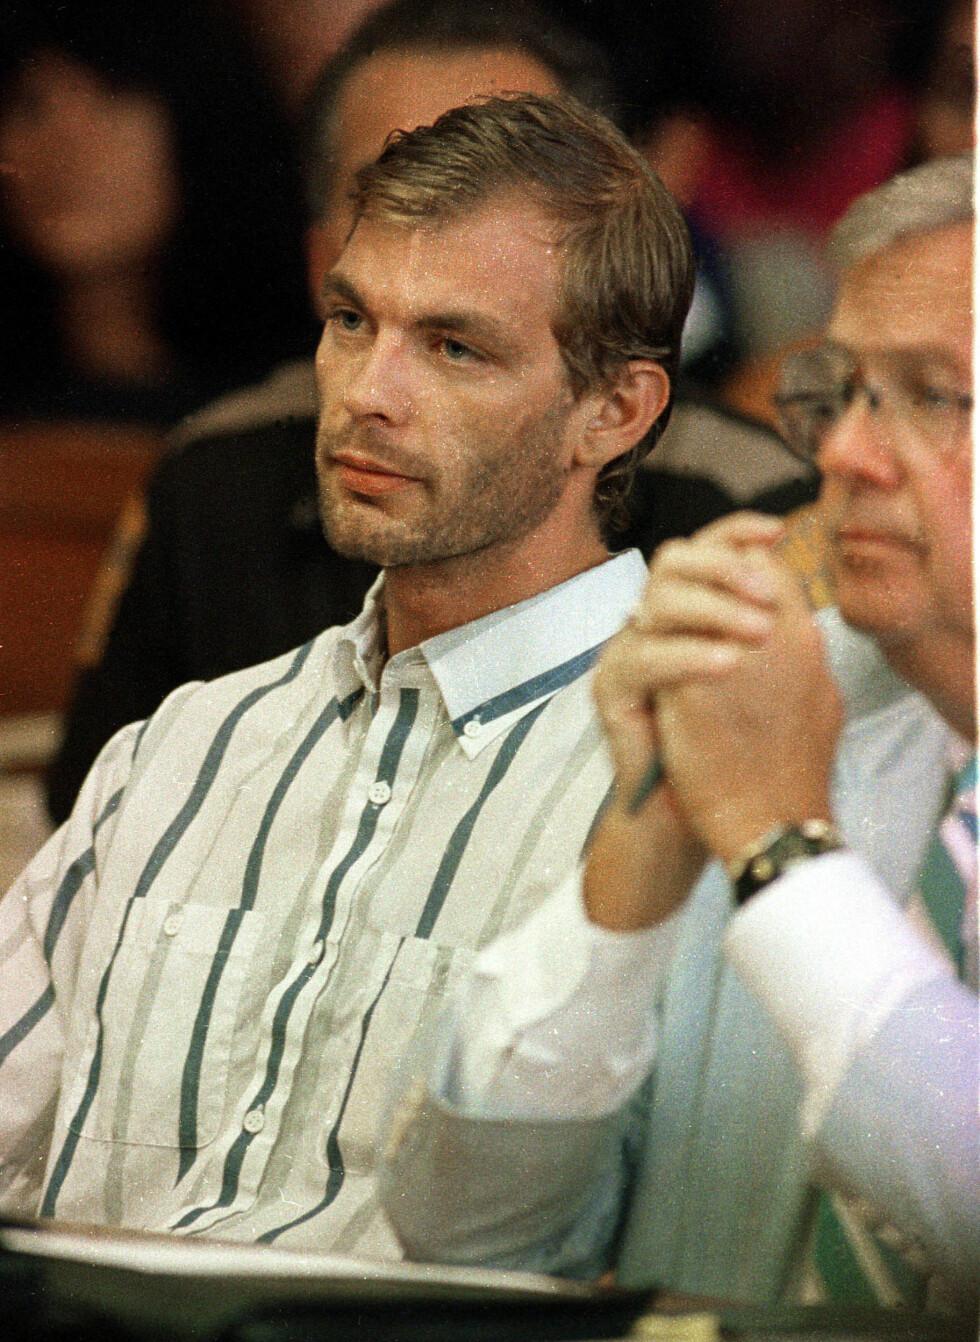 <strong>I RETTEN:</strong> Jeffrey Dahmer side om side med sin advokat Gerald Boyle tre dager etter at han ble avslørt. Skjorten han har på seg skal visstnok ha tilhørt et av ofrene. Foto: NTB Scanpix